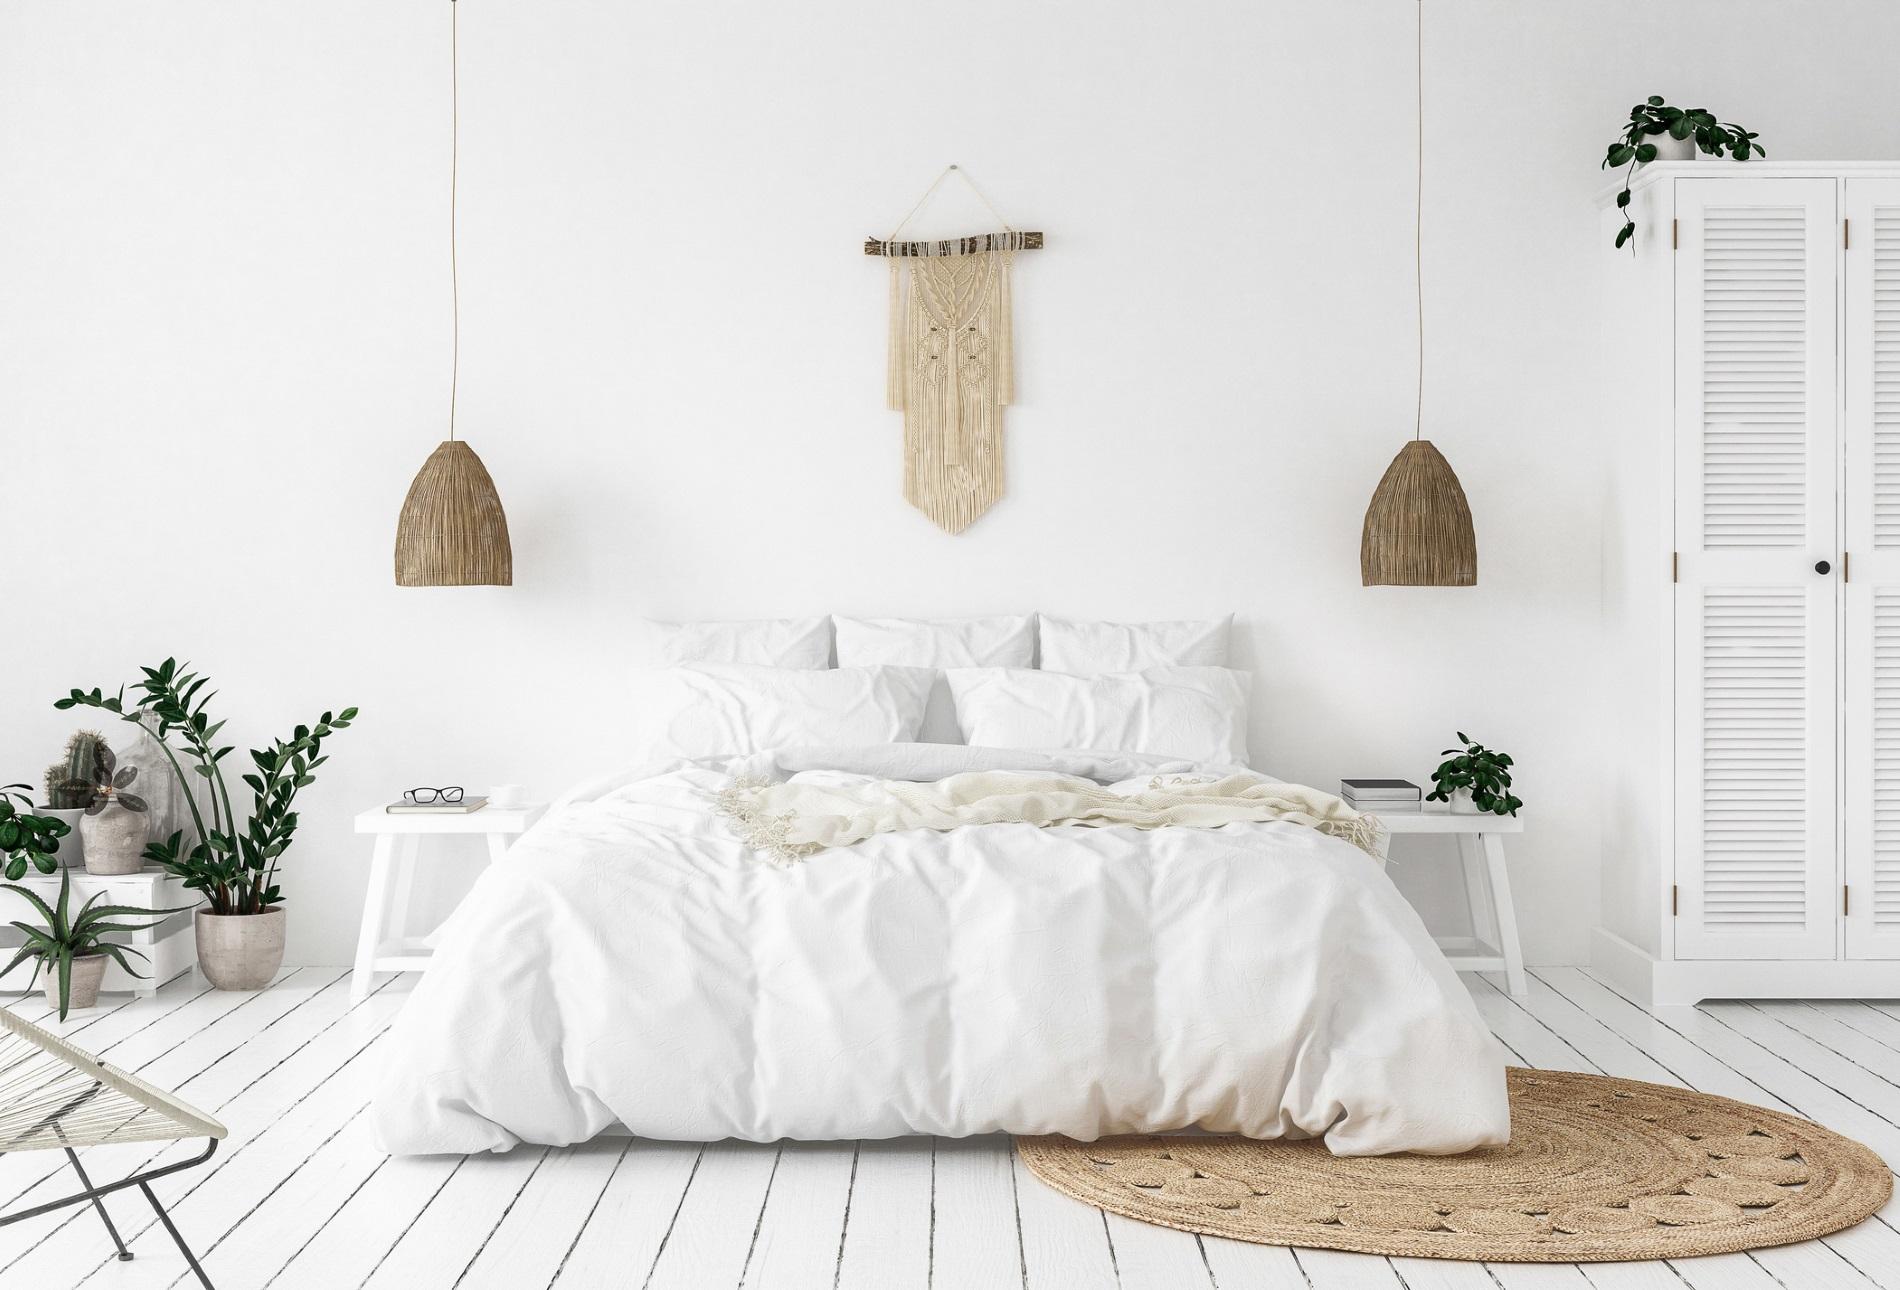 Рядко сменяте спалното бельо.<br /> Спалното бельо натрупва вируси, спори, бактерии и други патогени. Смяна на спално бельо е хубаво да бъде колкото е възможно по-често - поне веднъж седмично при топло време и 3 пъти месечно през студения сезон. Не се поддавайте на мързела. Добре е и да гладите спалното бельо.